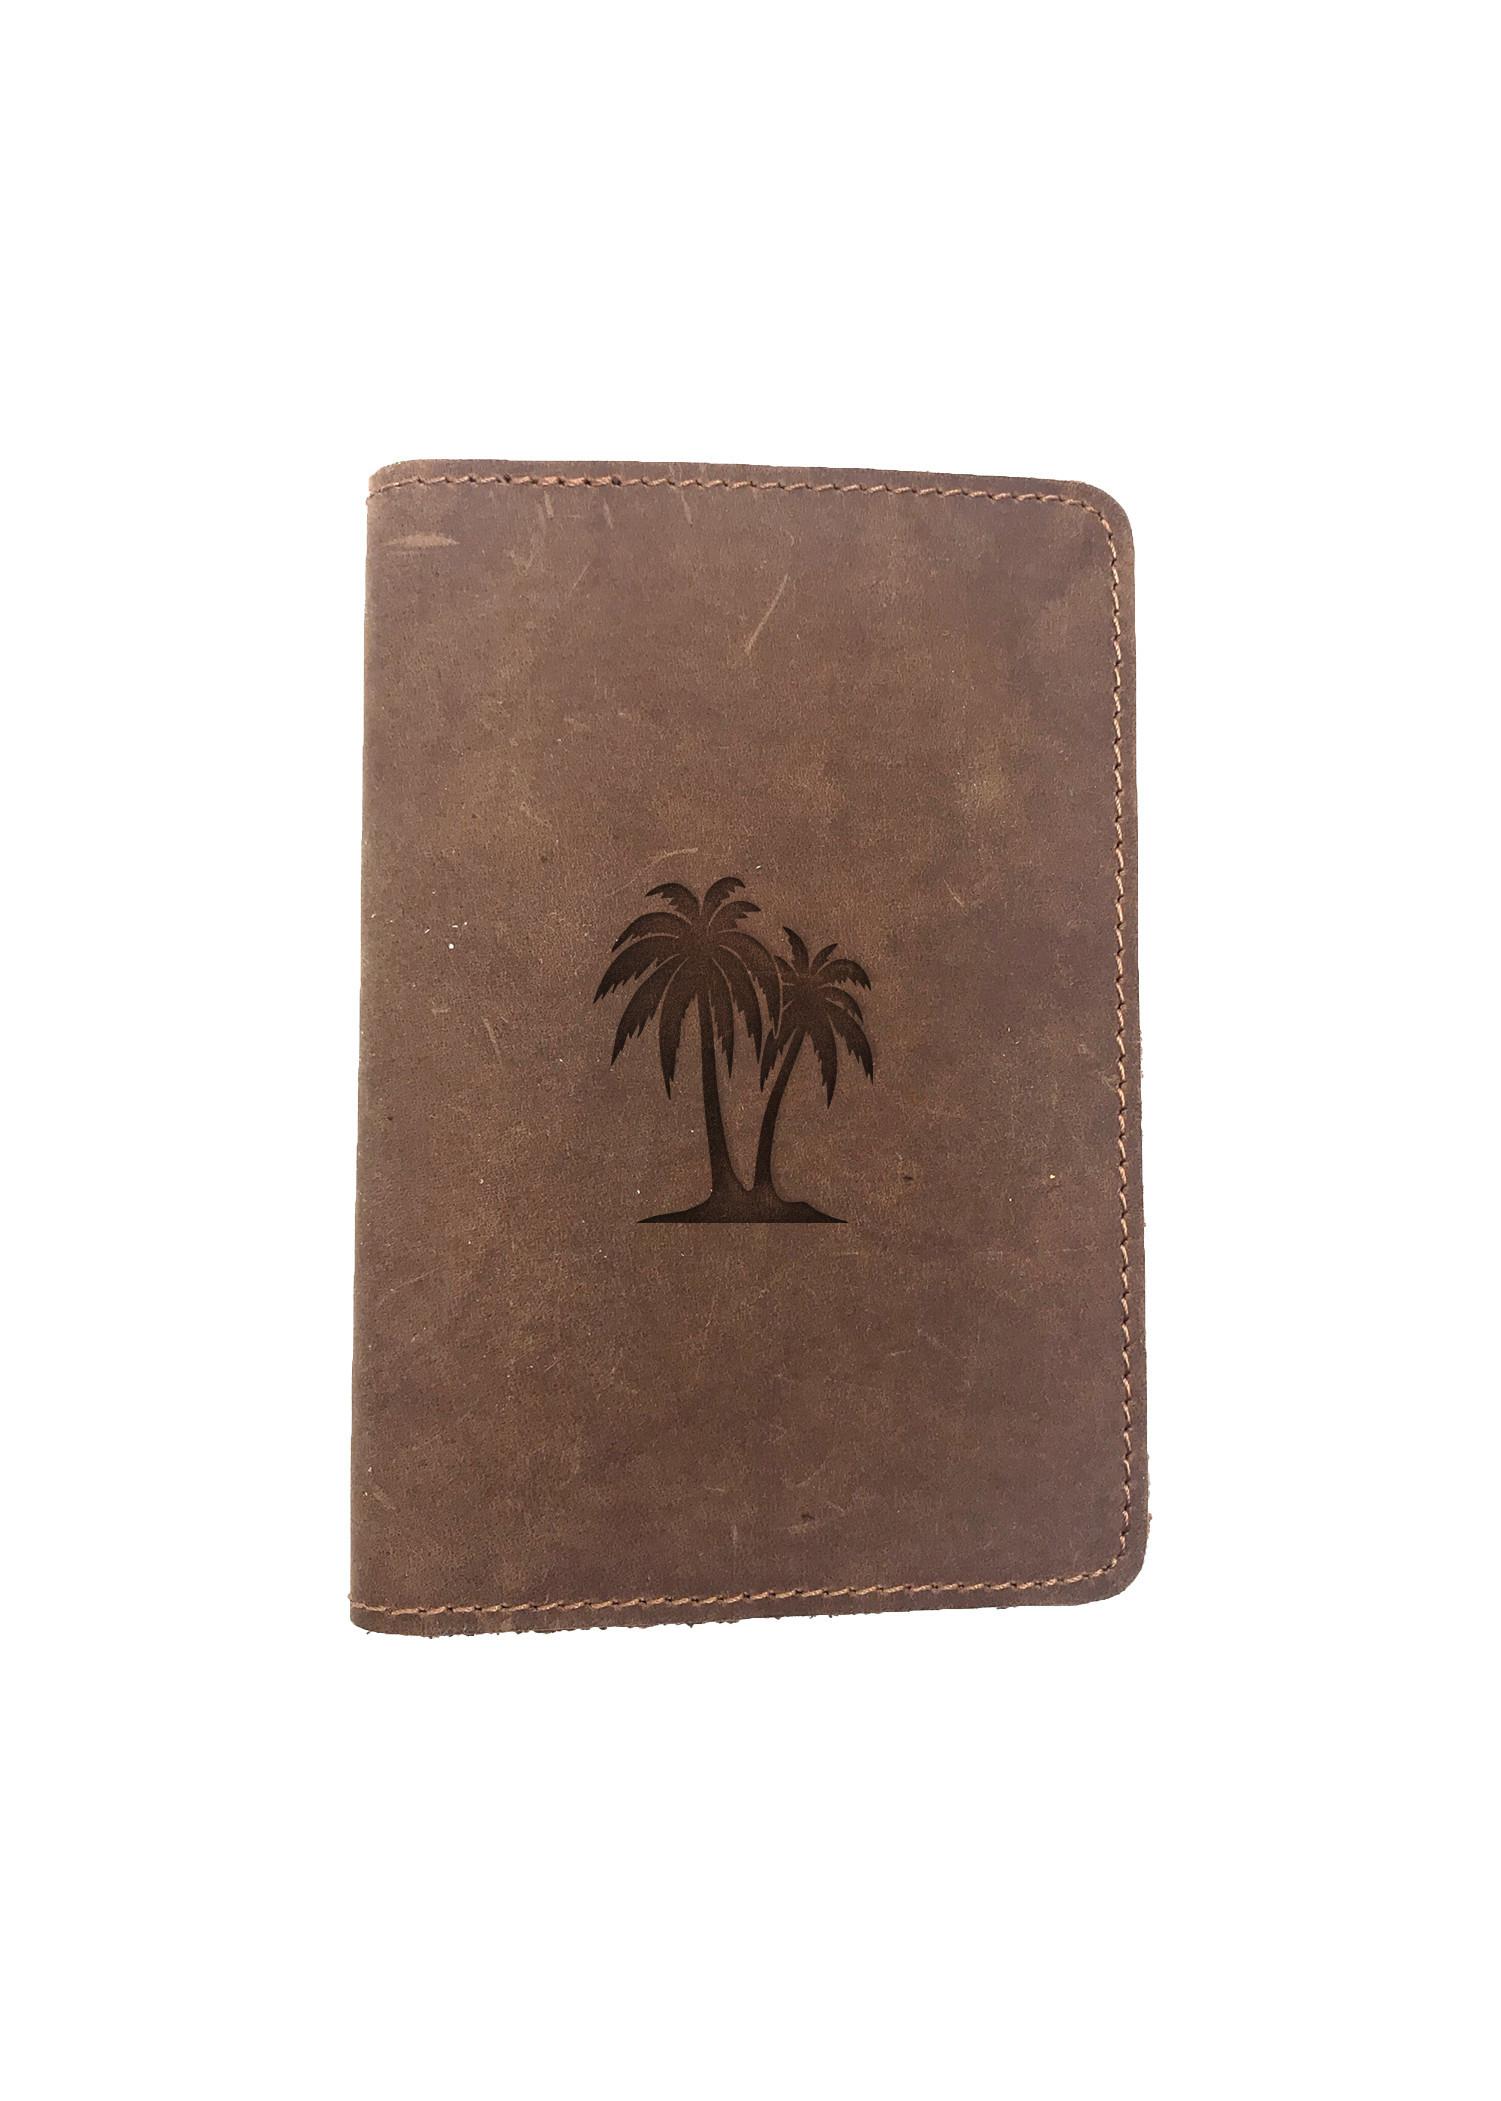 Passport Cover Bao Da Hộ Chiếu Da Sáp Khắc Hình Cây cọ PALM TREES (BROWN)